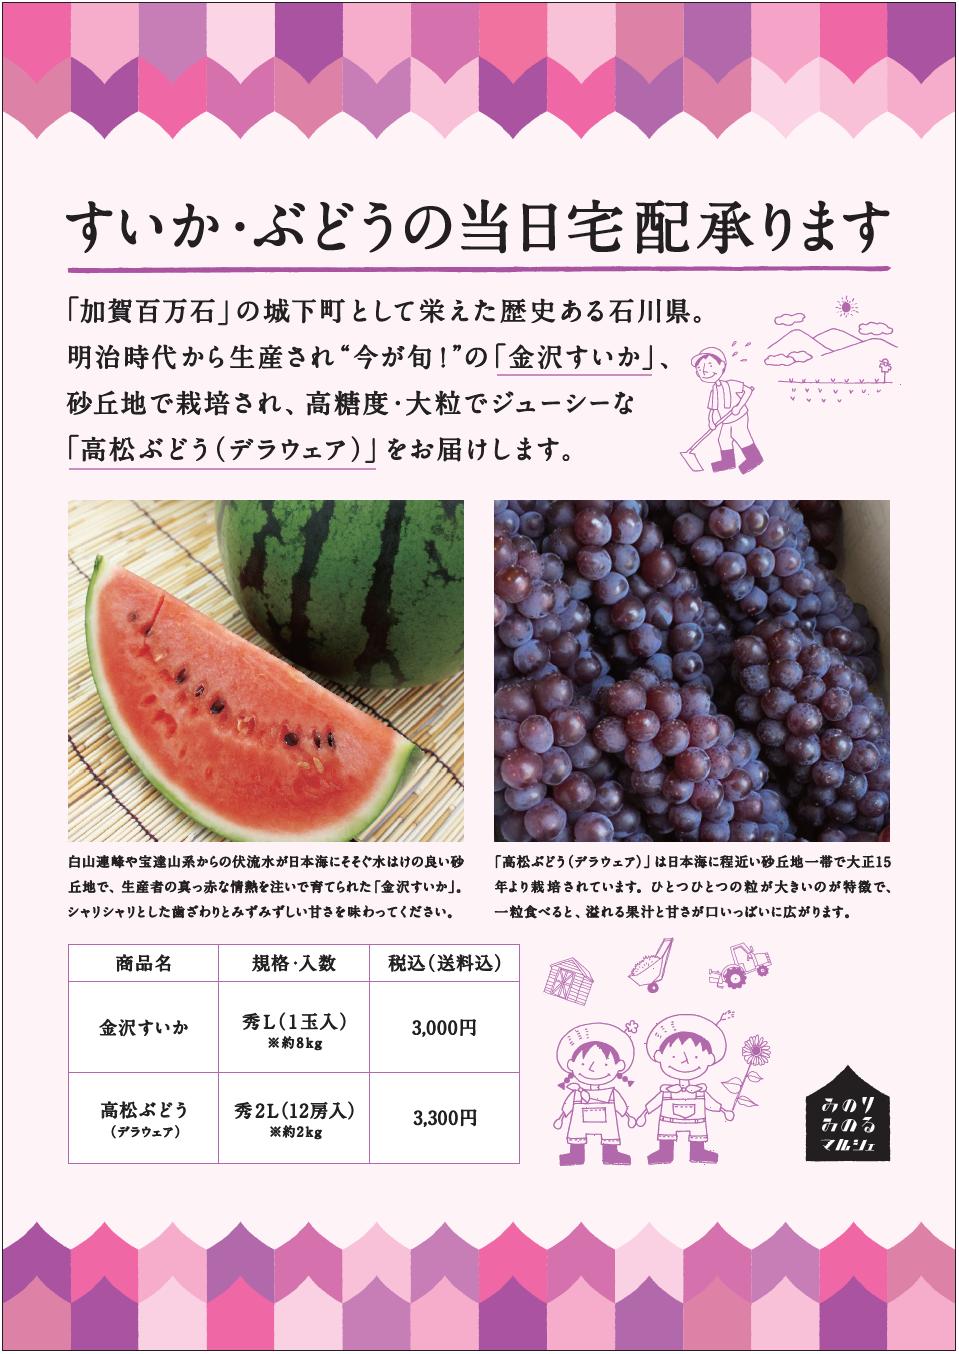 すいか・ぶどう配送ポスター.png